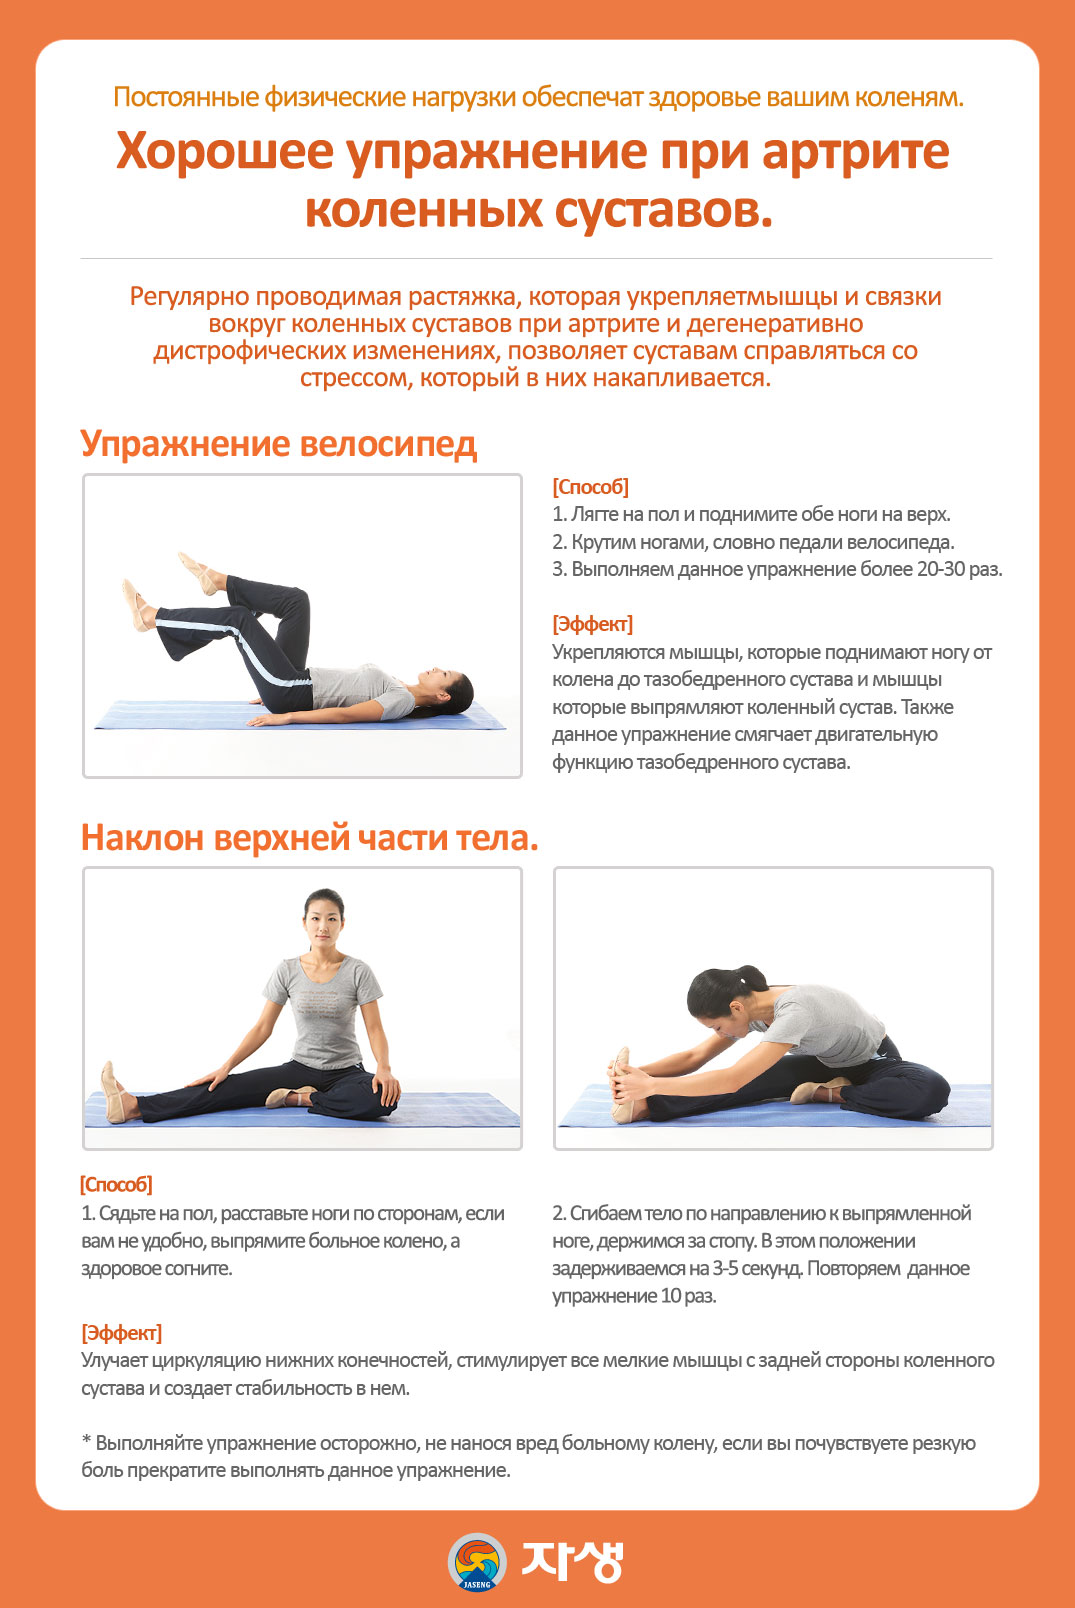 Хорошее упражнение при артрите коленных суставов. - Центр корейской медицины Часэн